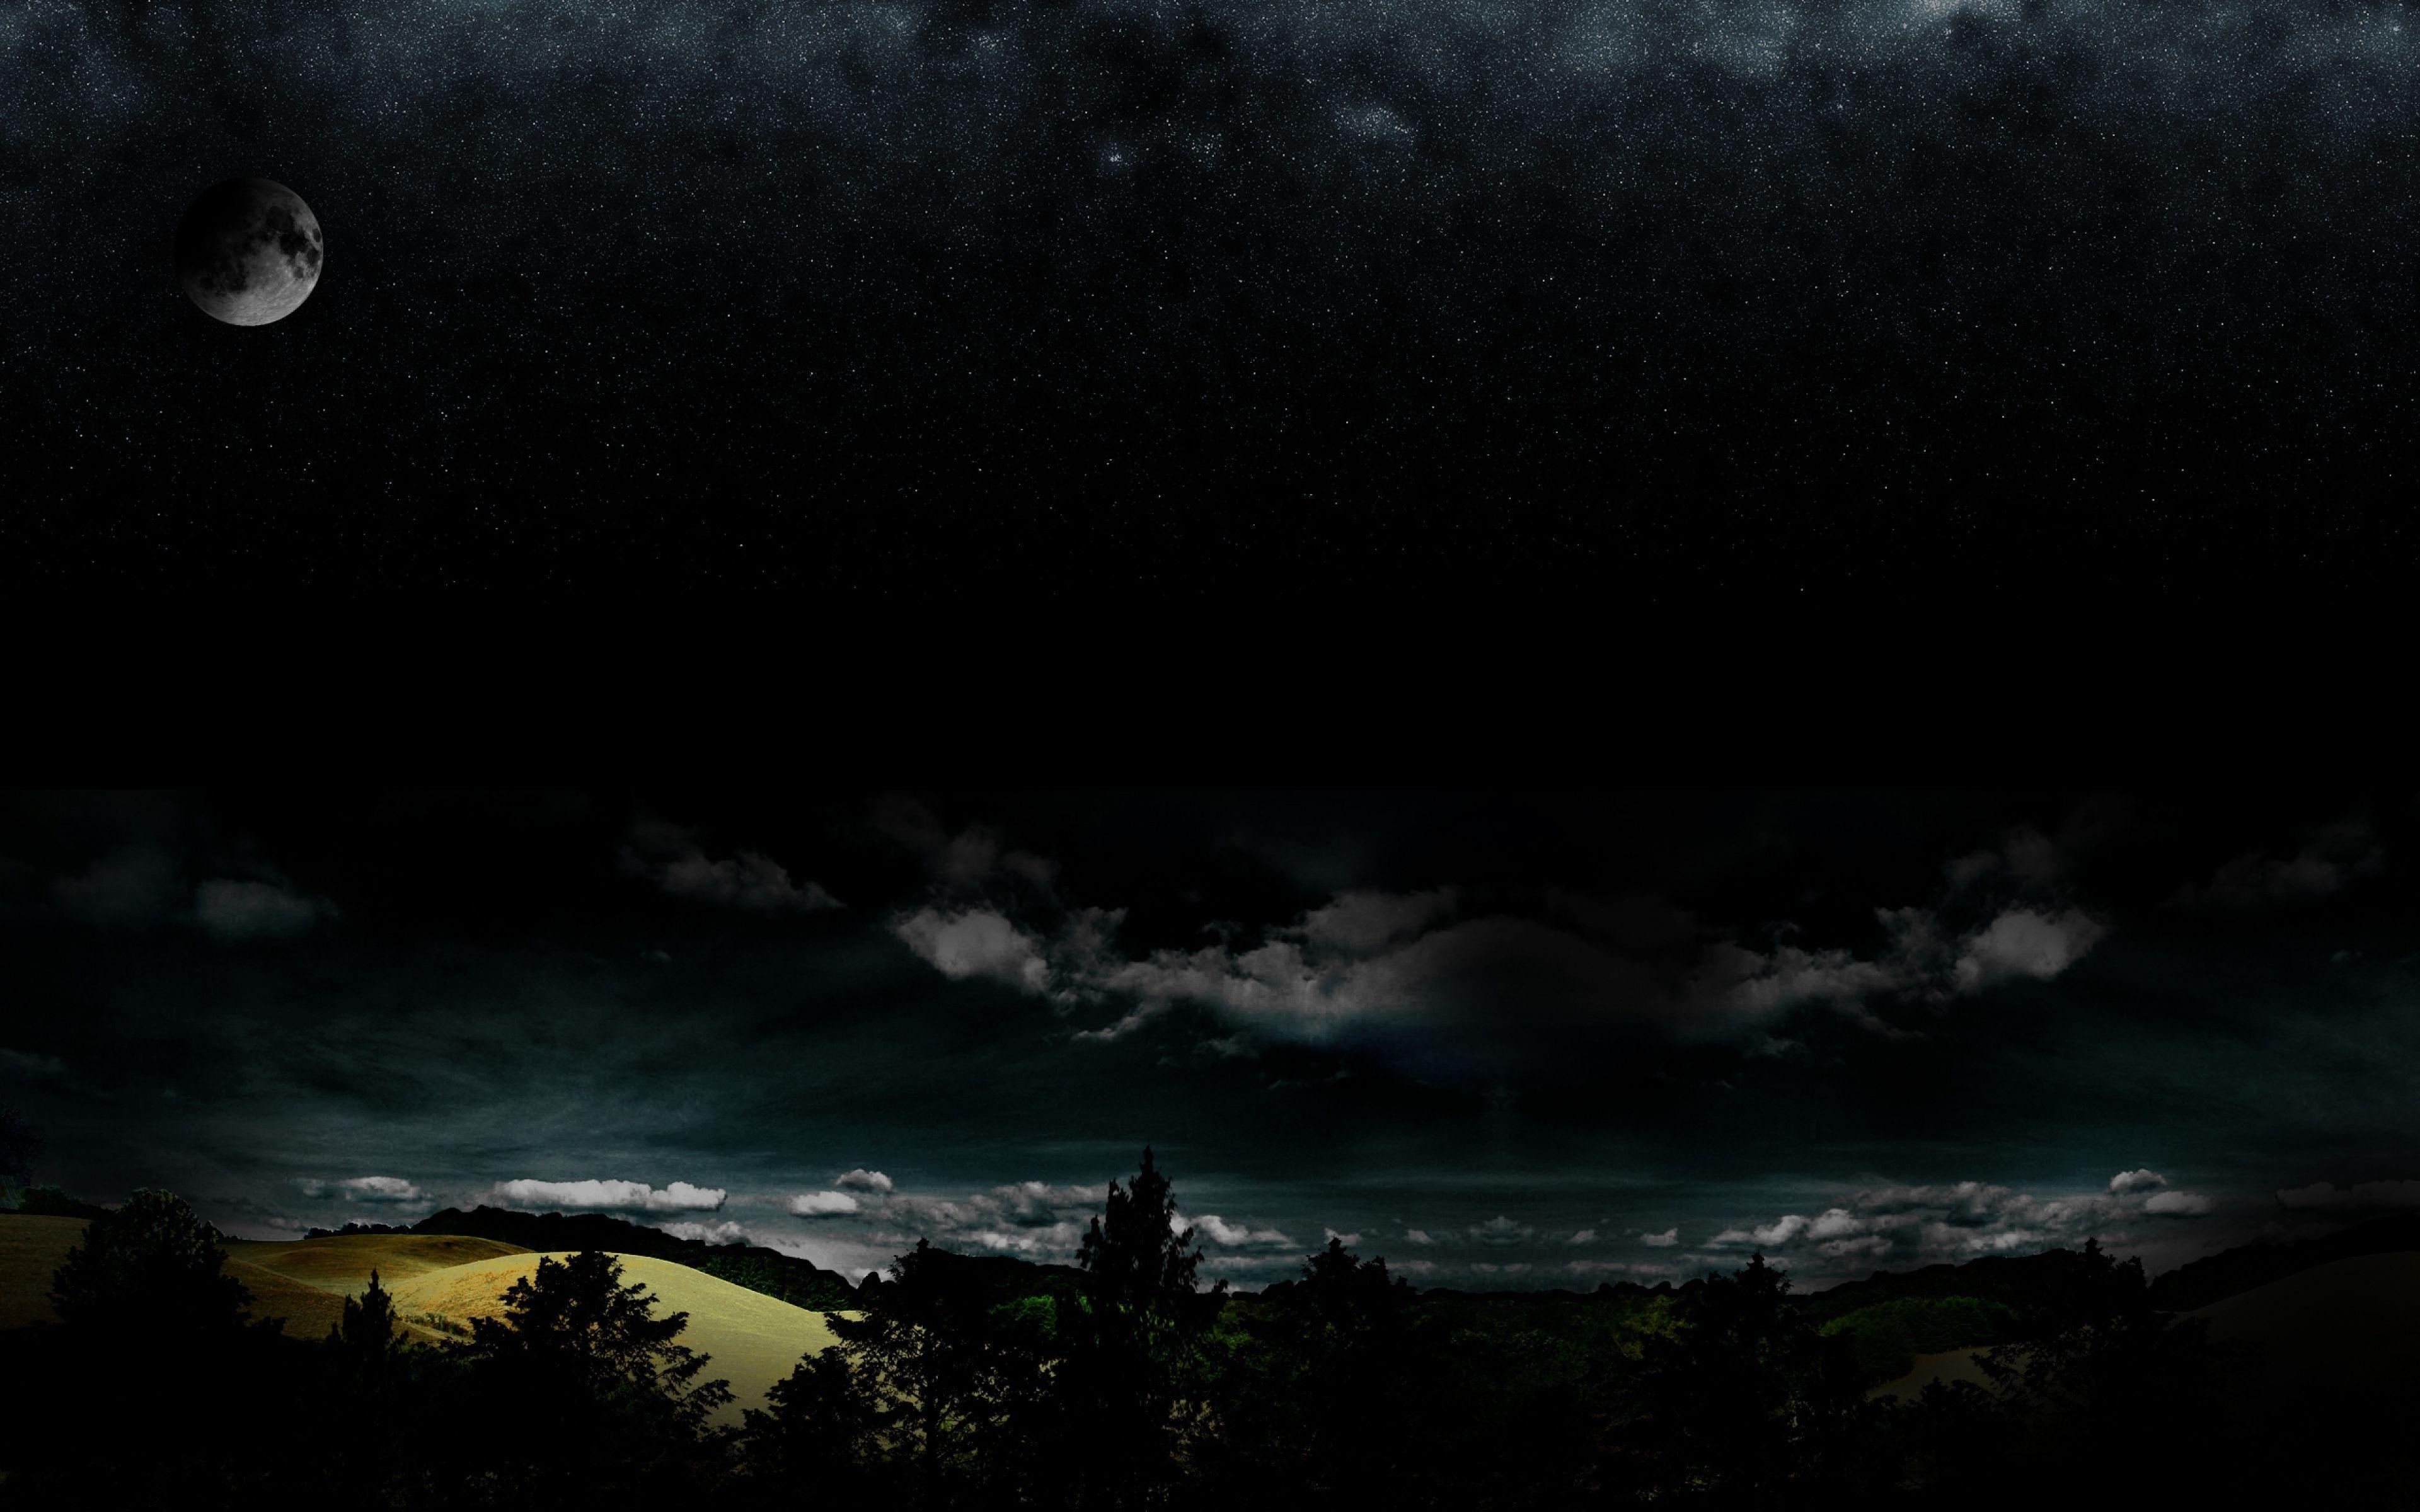 Dark Full 4K Wallpapers - Top Free Dark Full 4K ...